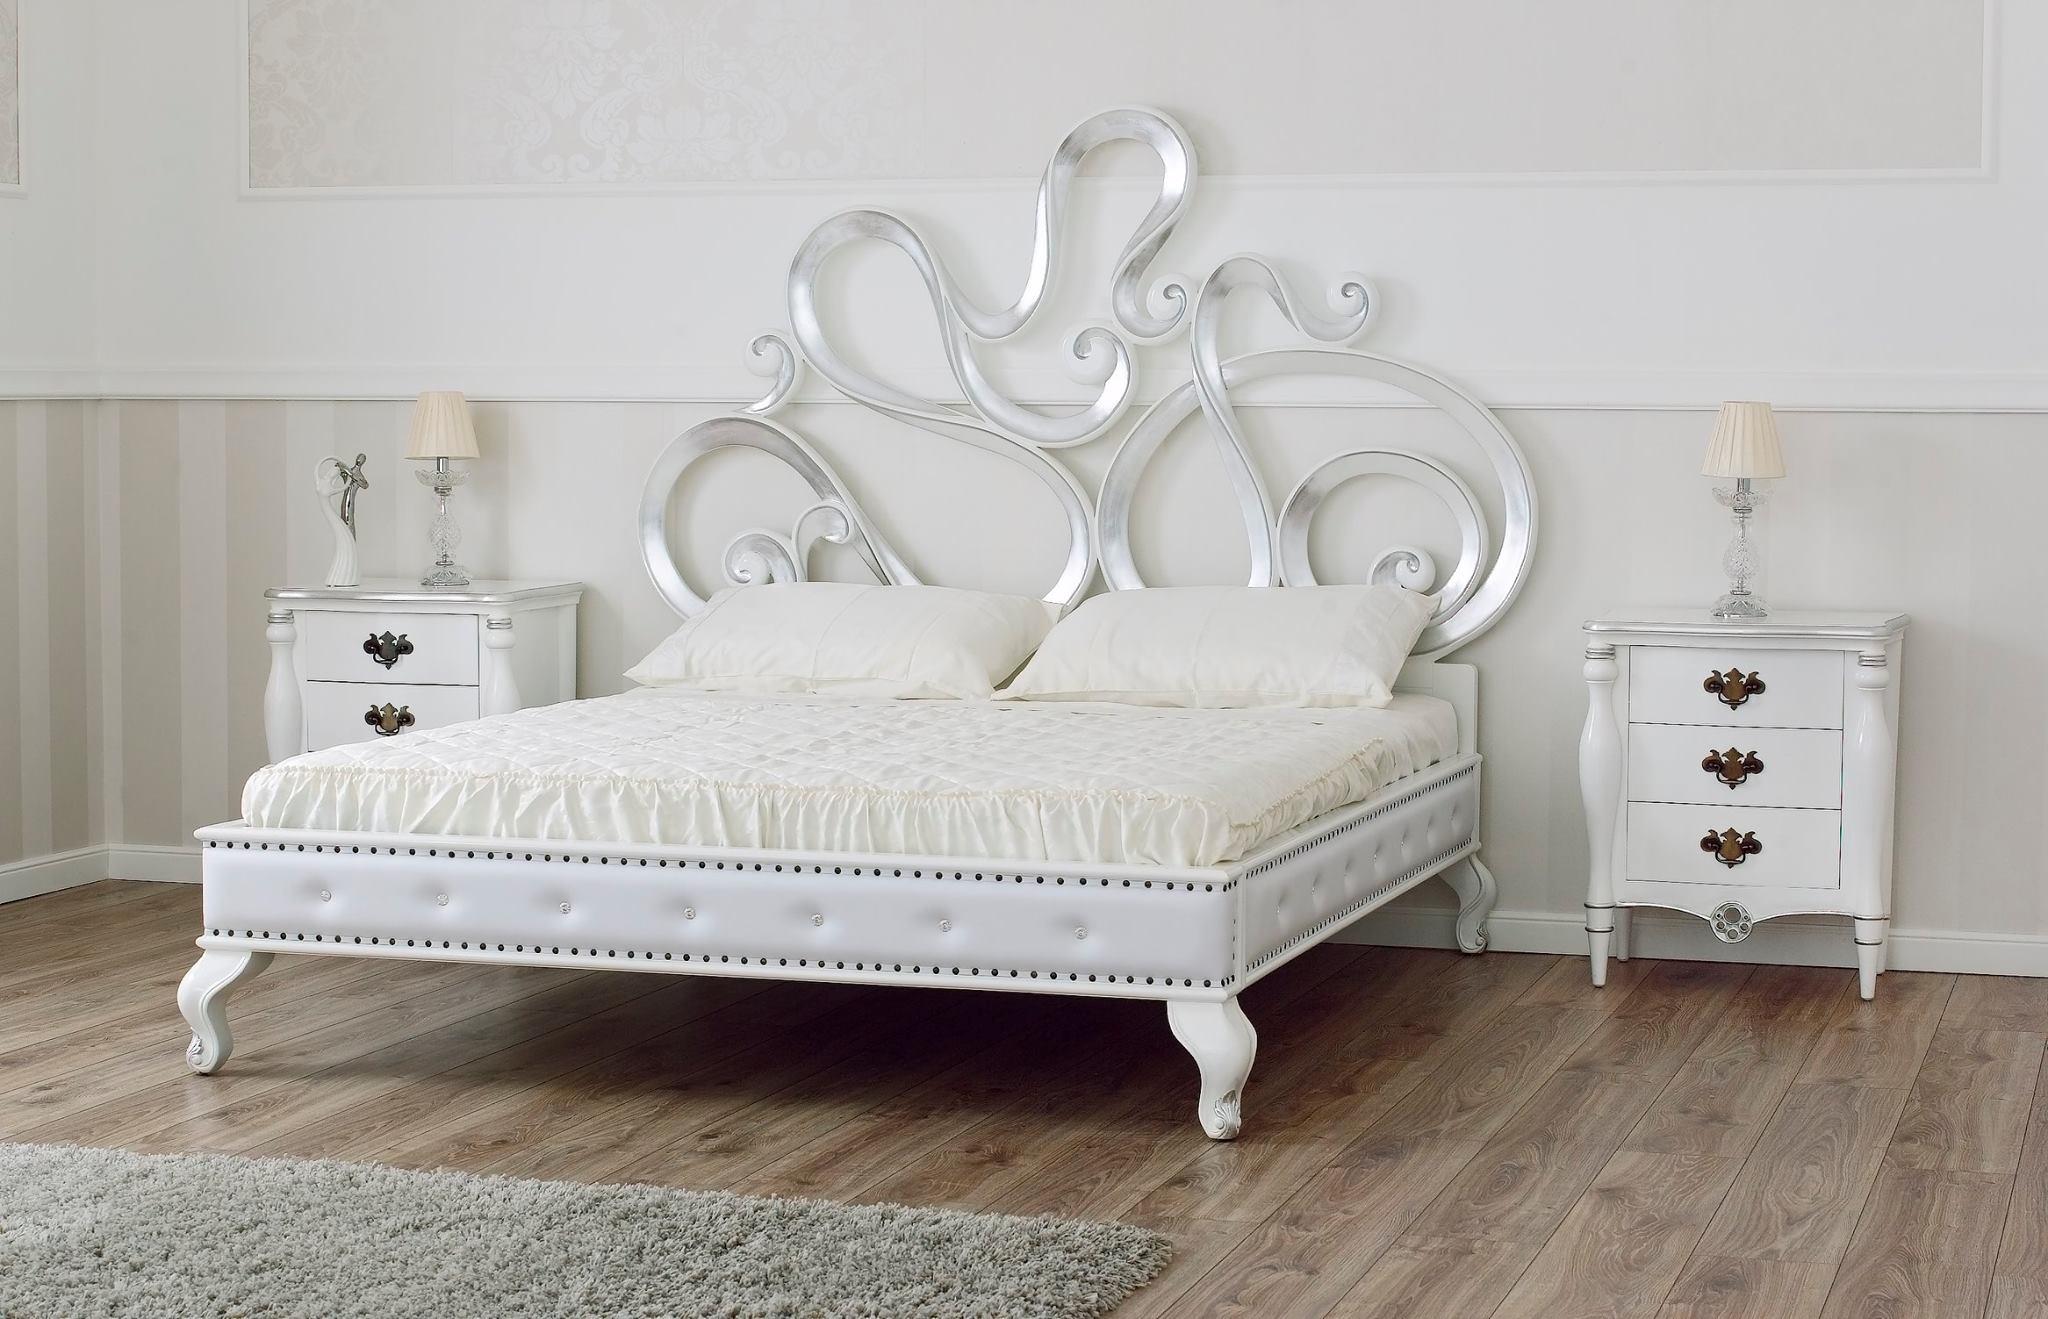 Letto matrimoniale in legno massello liberty letti a - Spalliere letto in legno ...